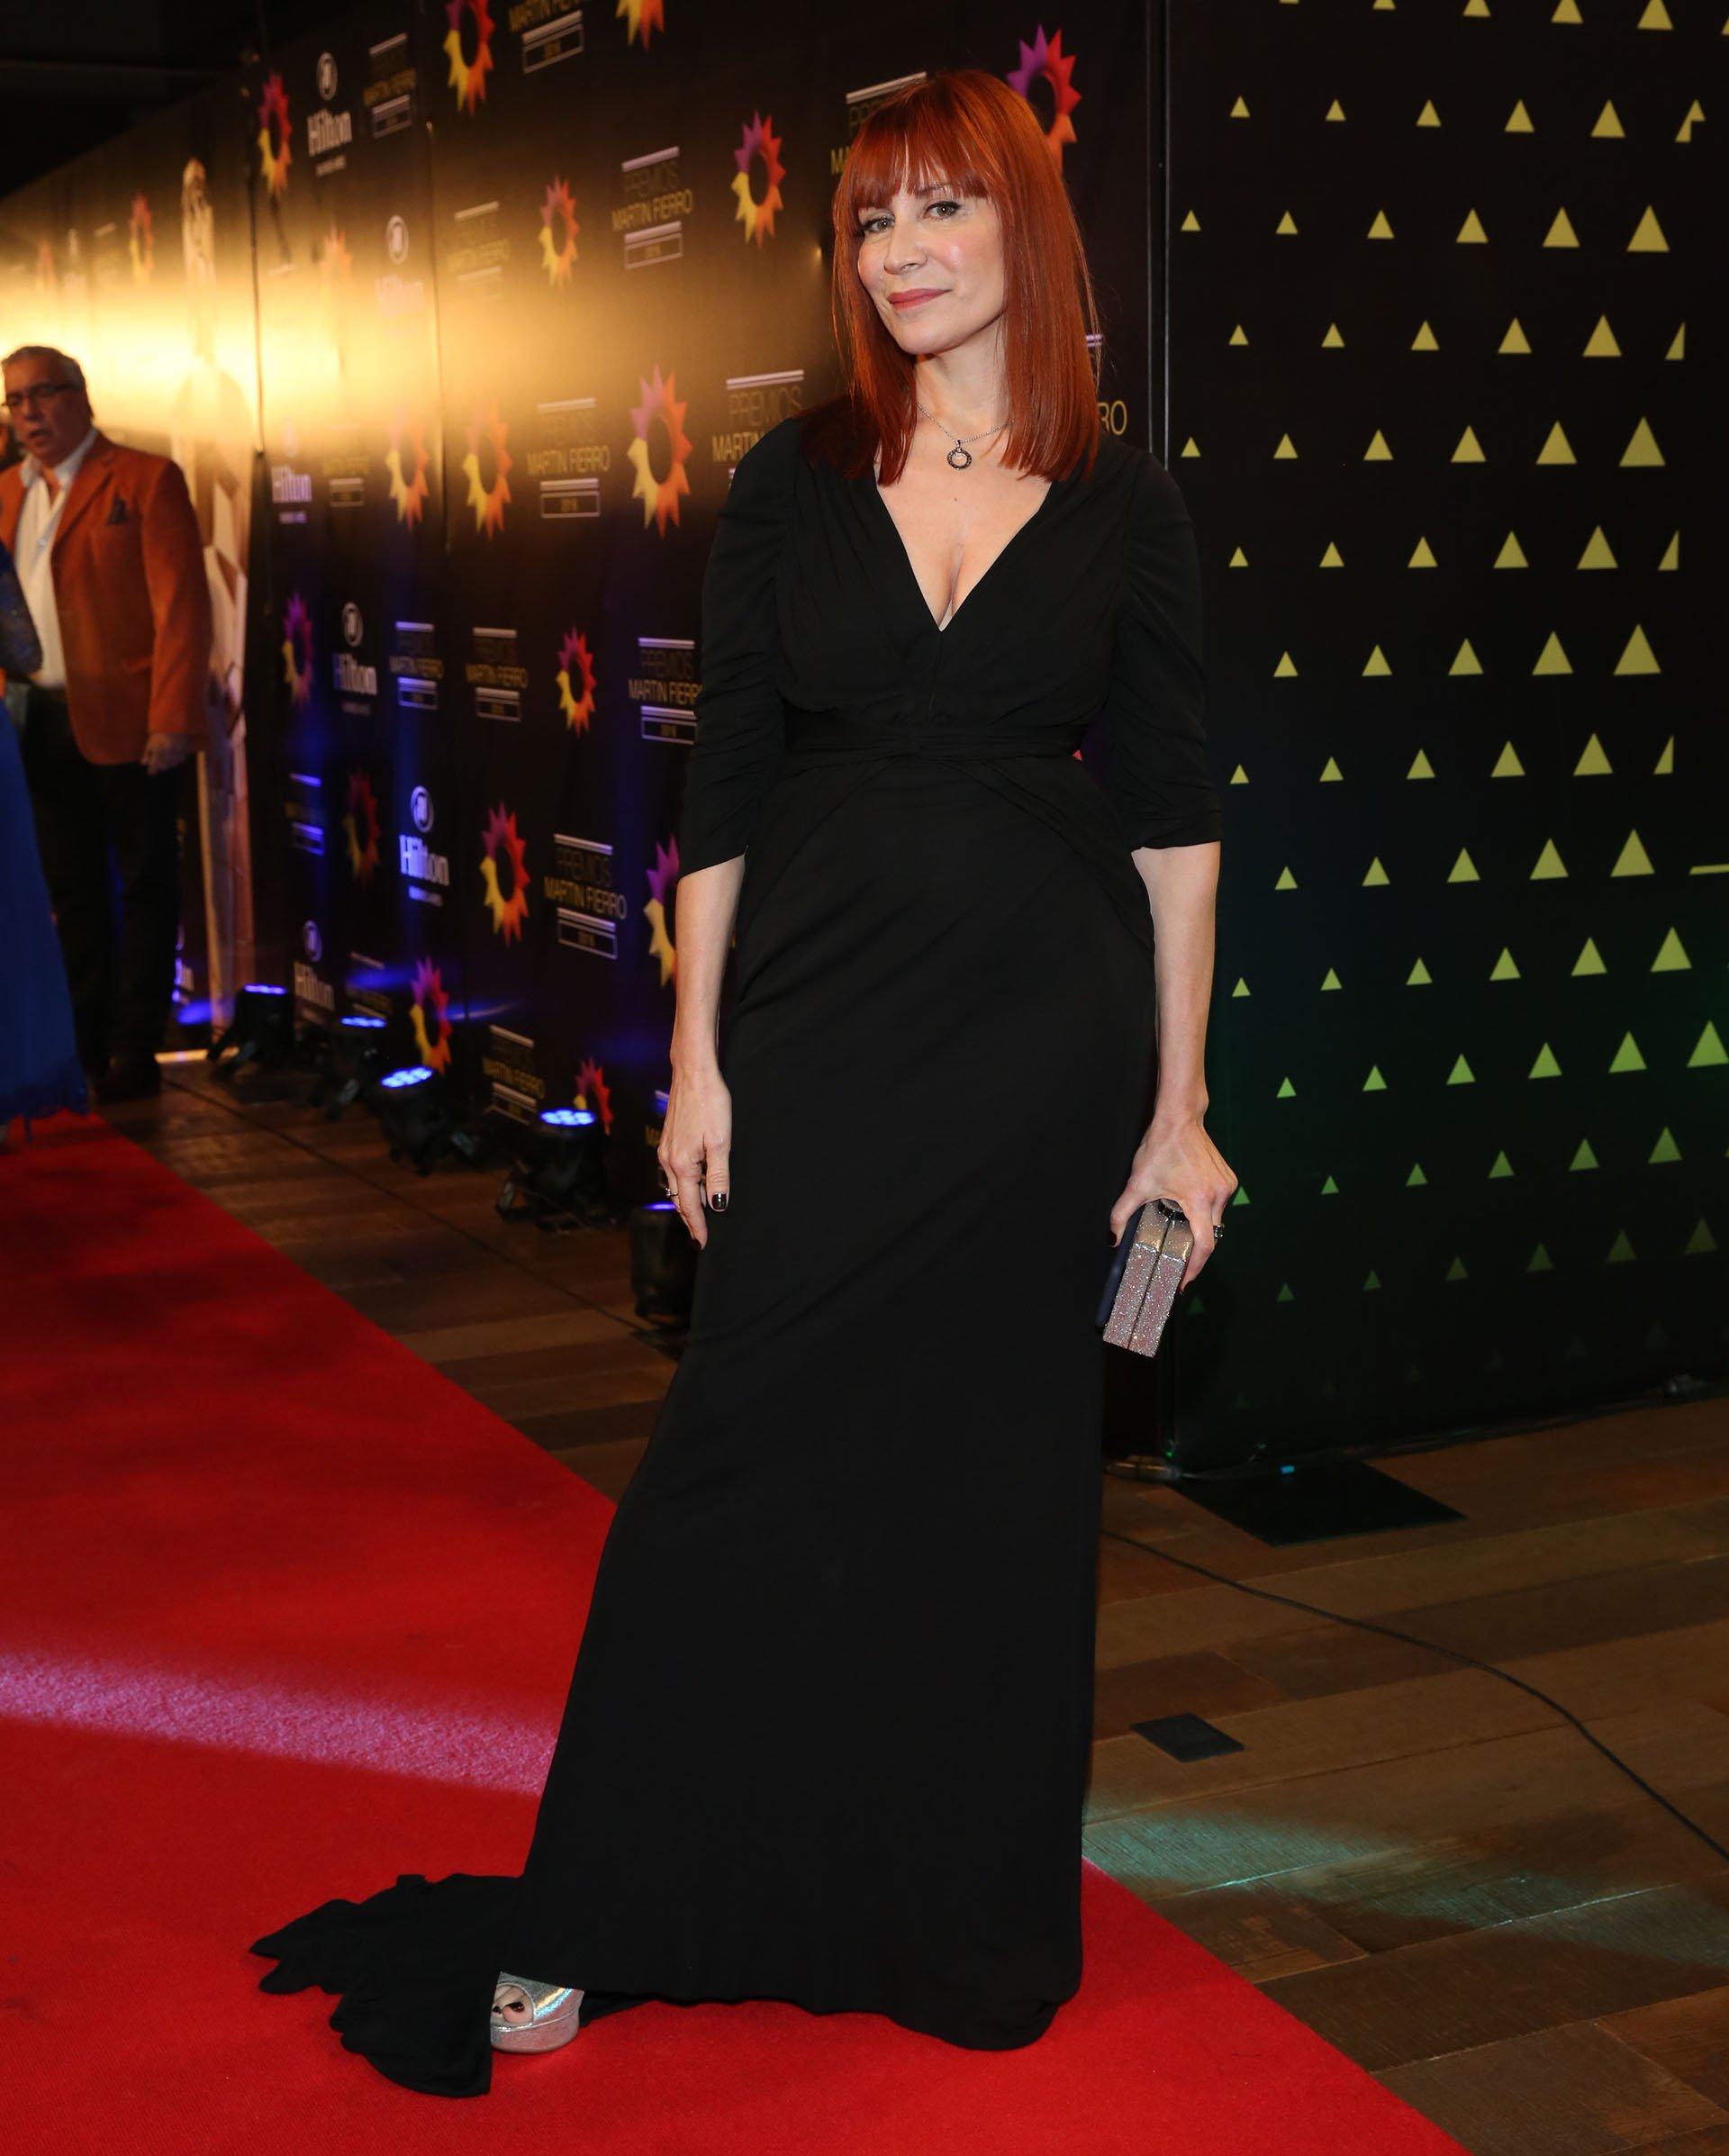 Matilda Blanco, la especialista en moda, también estuvo presente en la noche del Martín Fierro.